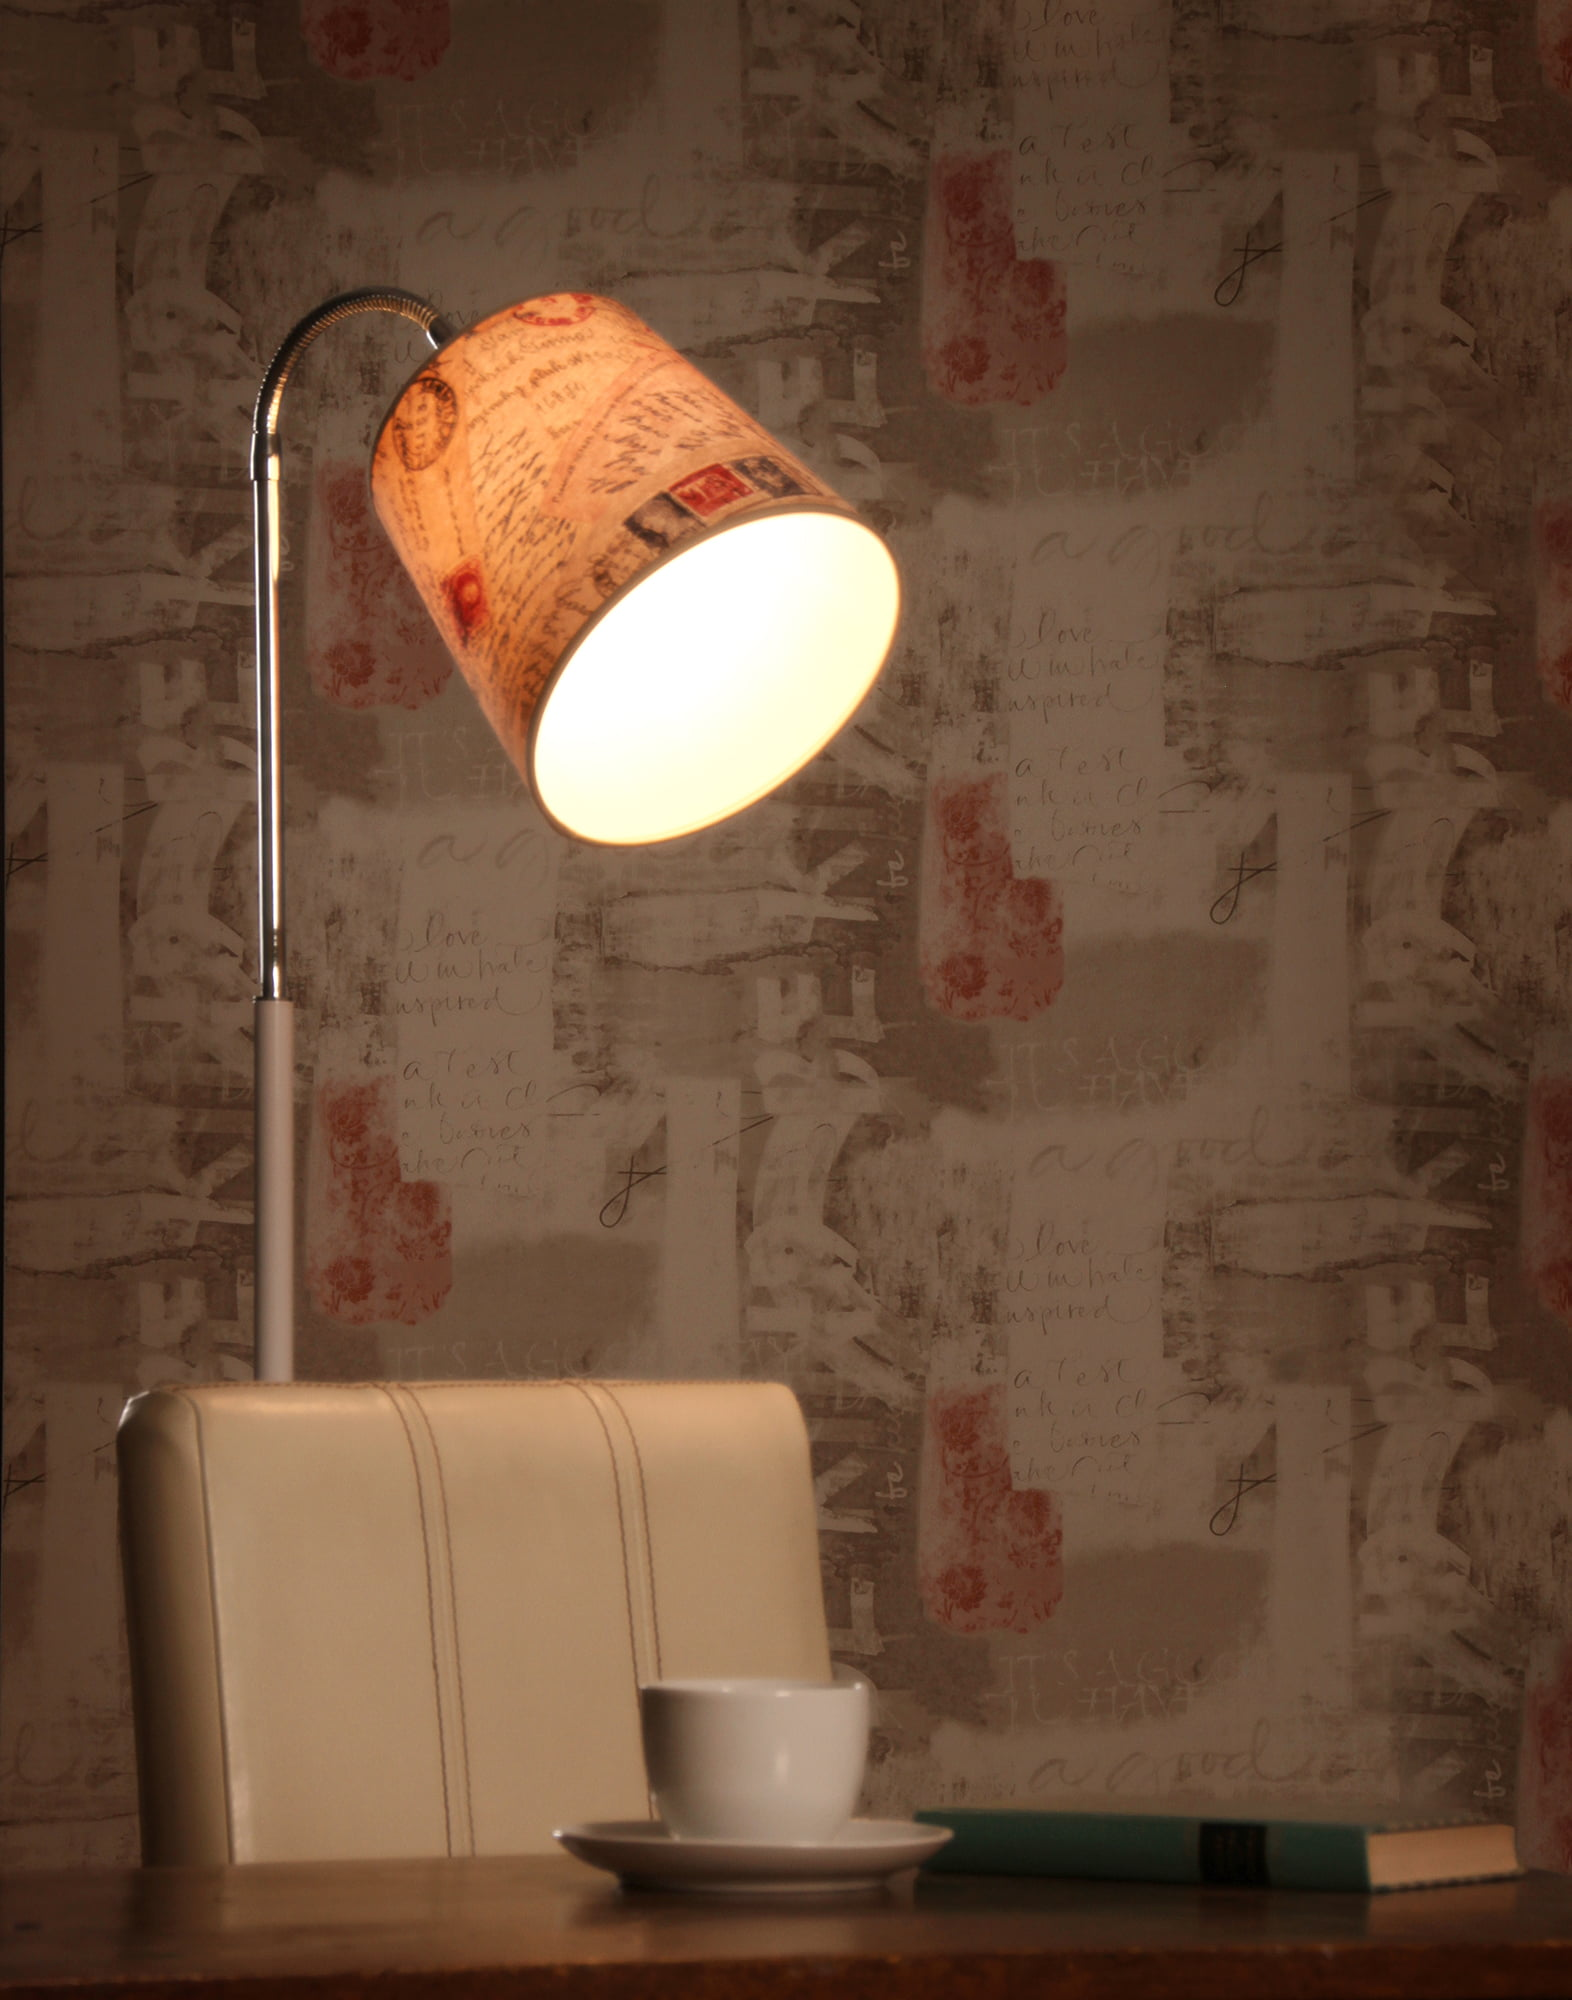 Valkoinen lattiavalaisin beigellä kippivarjostimella pöydän takana, jolla on teekupi ja kirja.